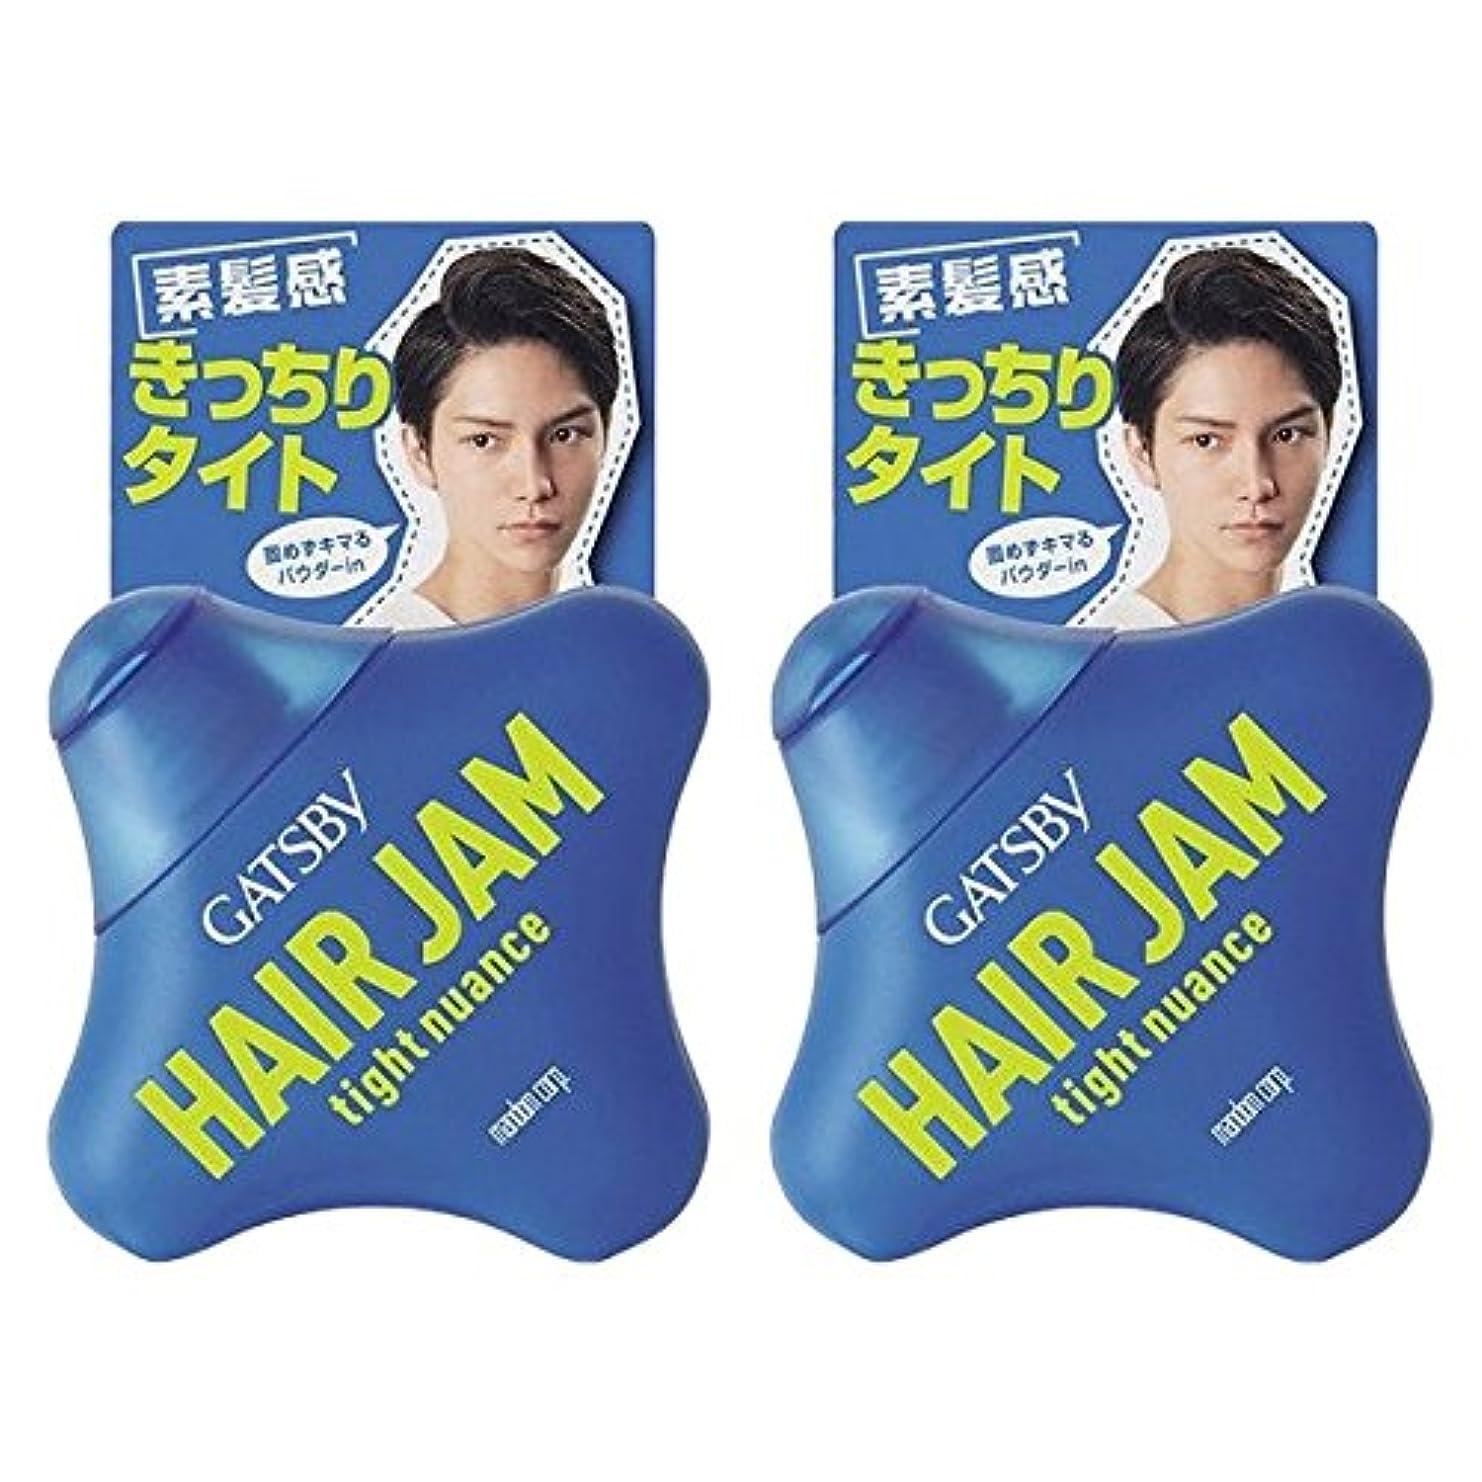 検閲閃光心配する【2個セット】ギャツビー ヘアジャム タイトニュアンス 120mL